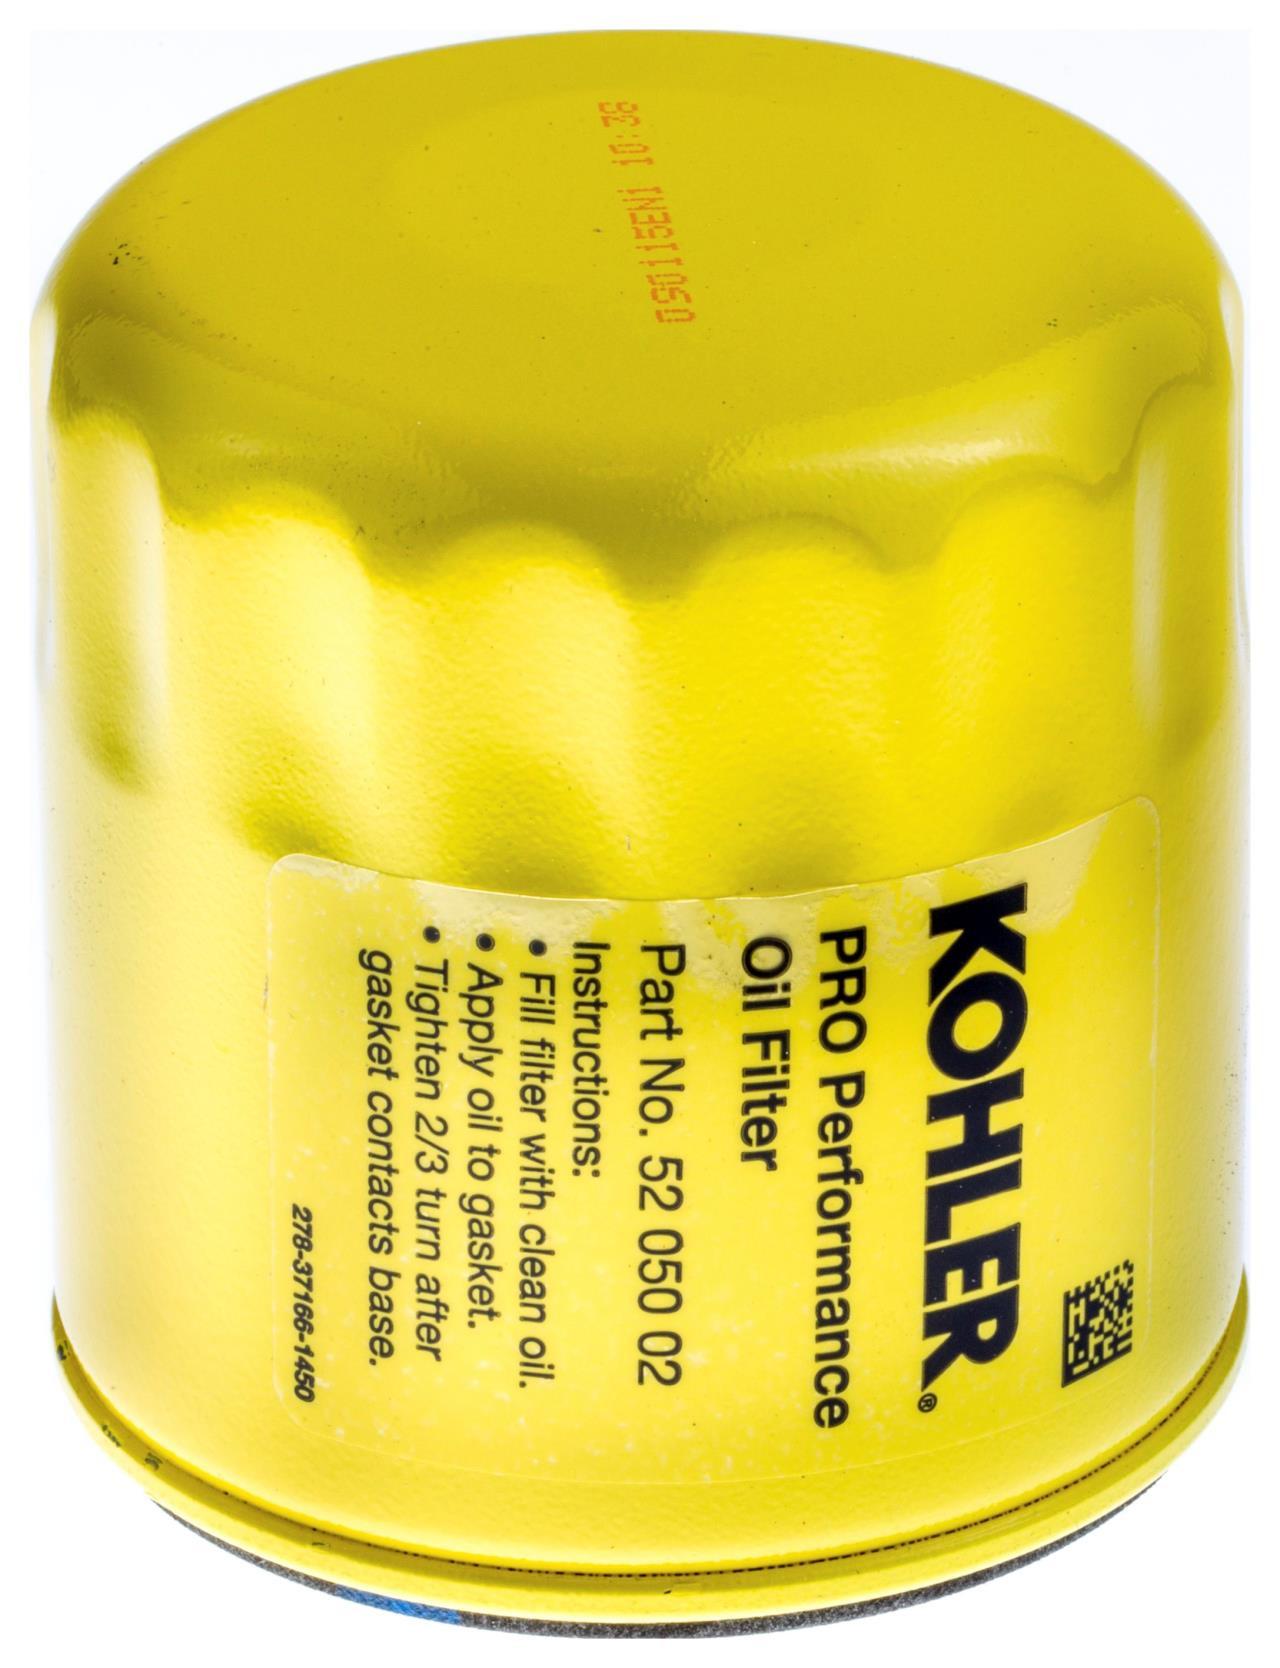 Kohler oliefilter, SV470-600